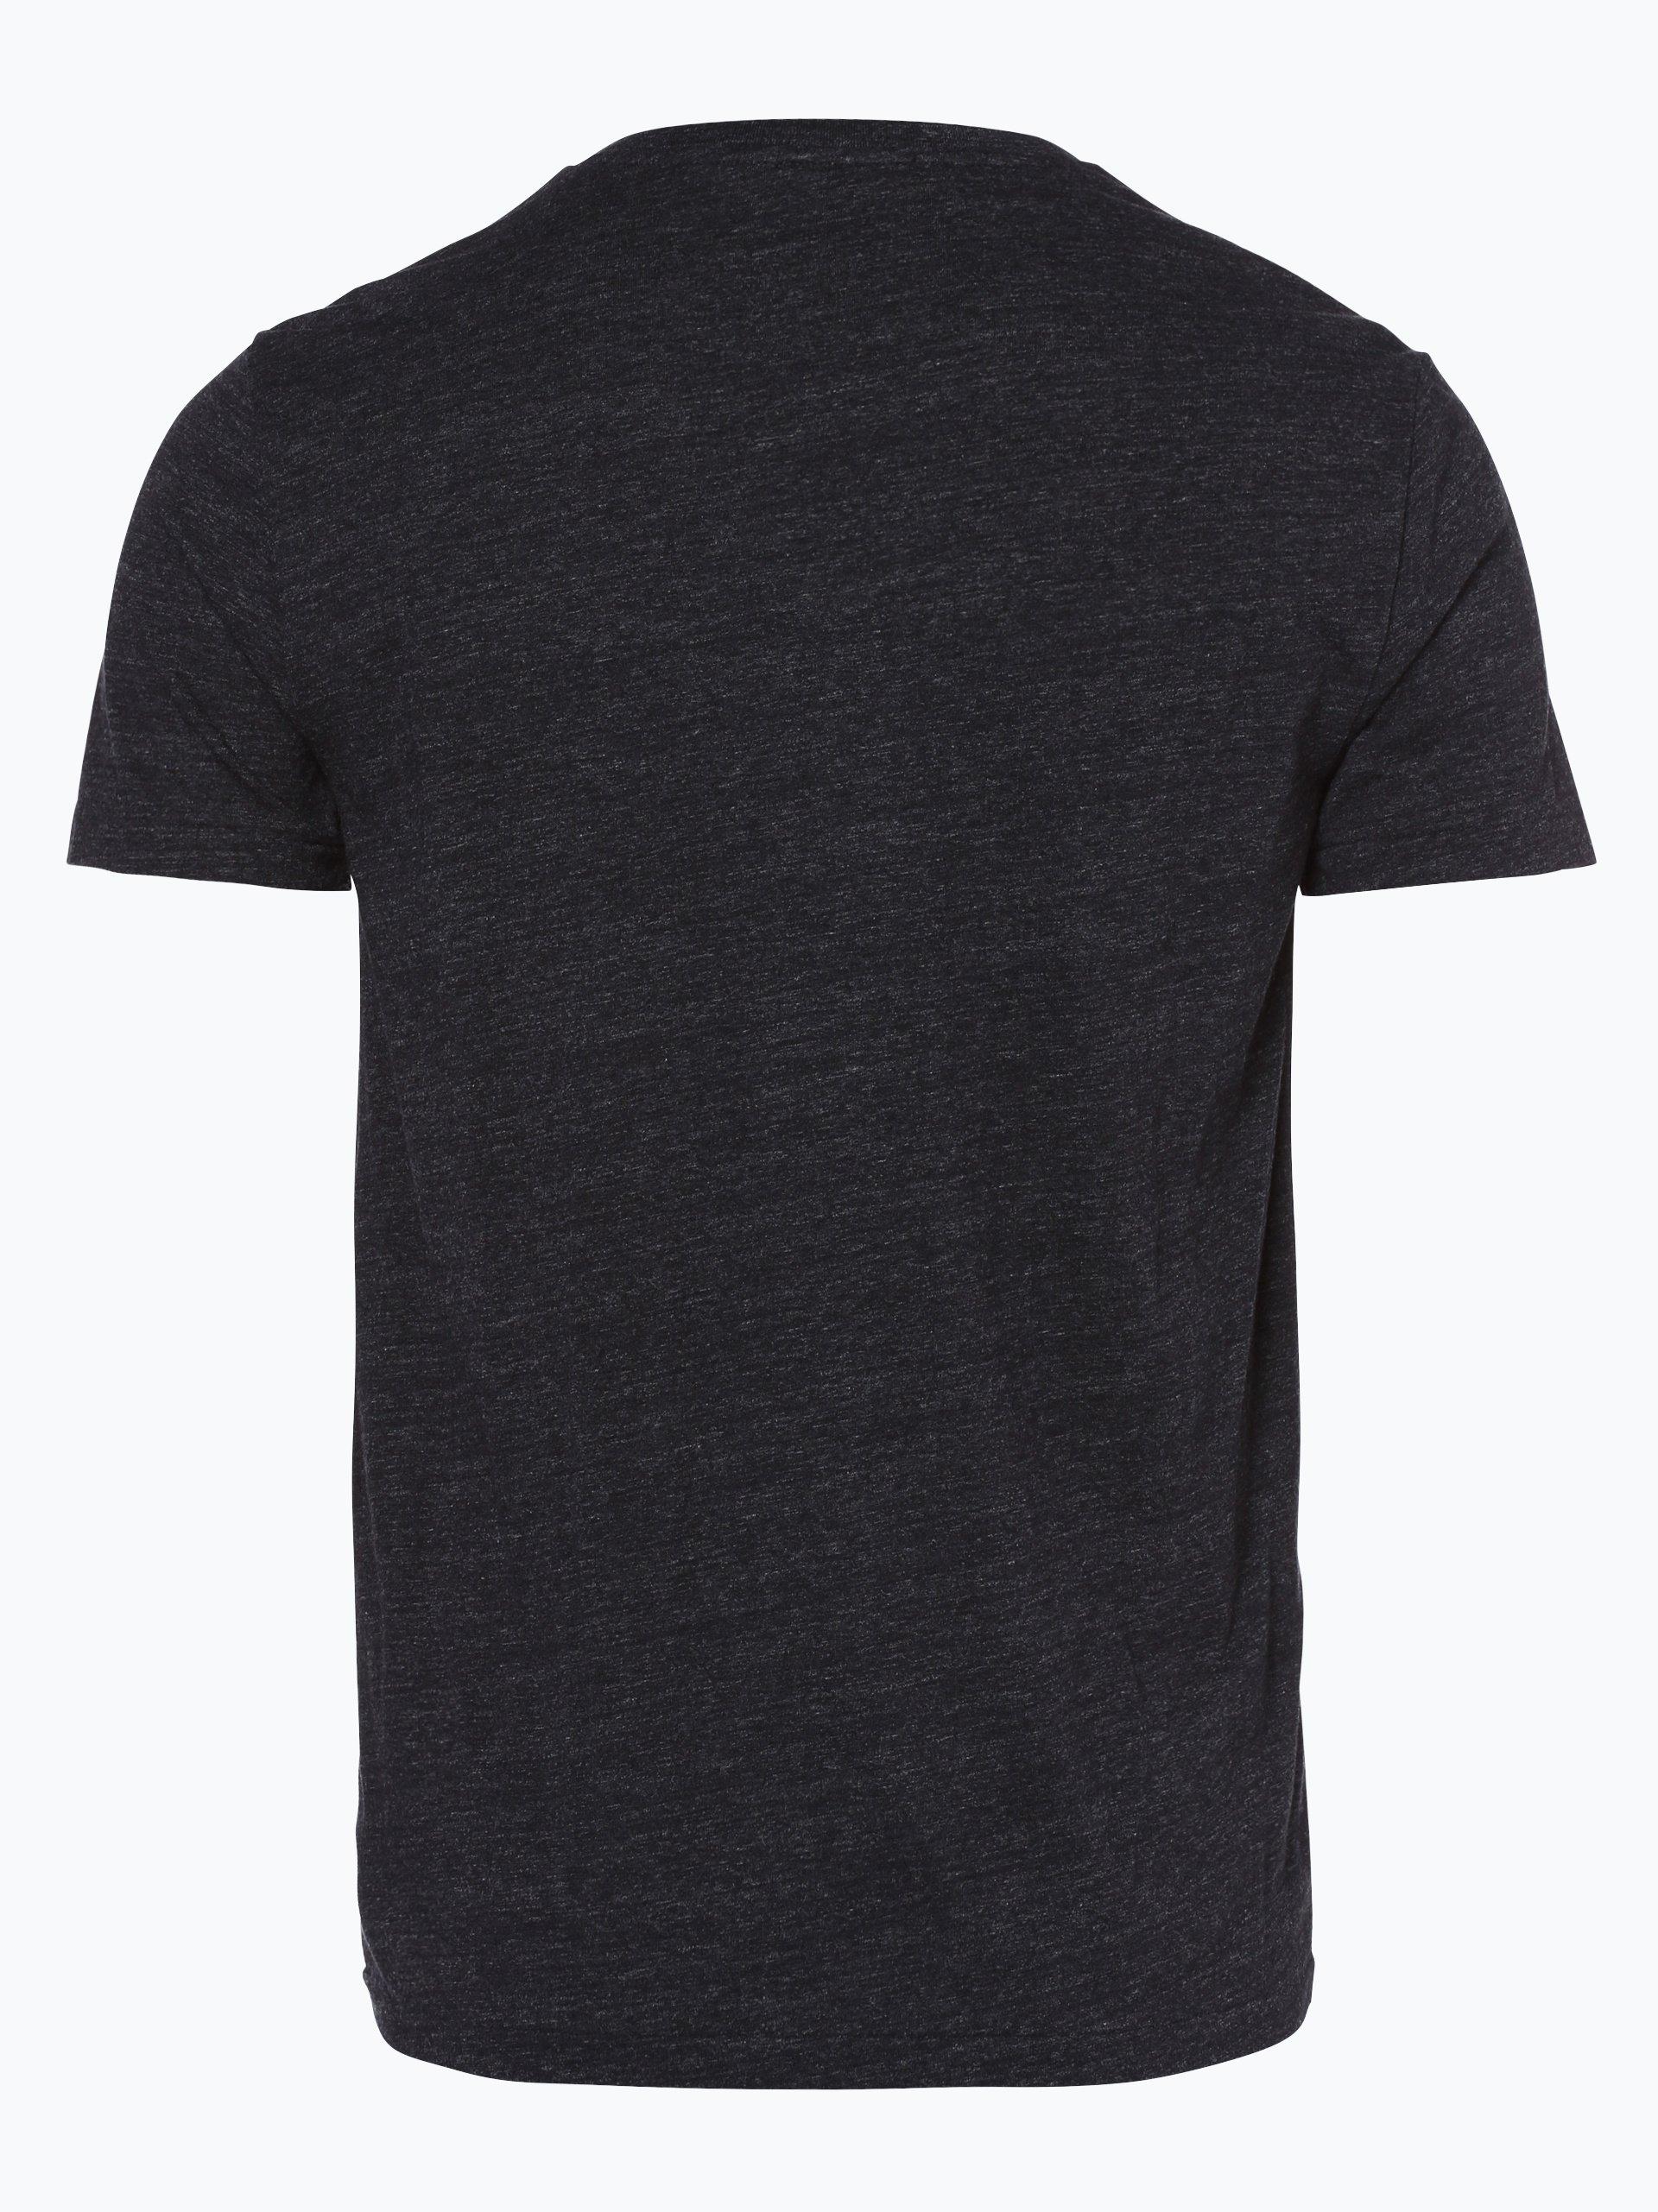 polo ralph lauren herren t shirt schwarz uni online kaufen peek und cloppenburg de. Black Bedroom Furniture Sets. Home Design Ideas